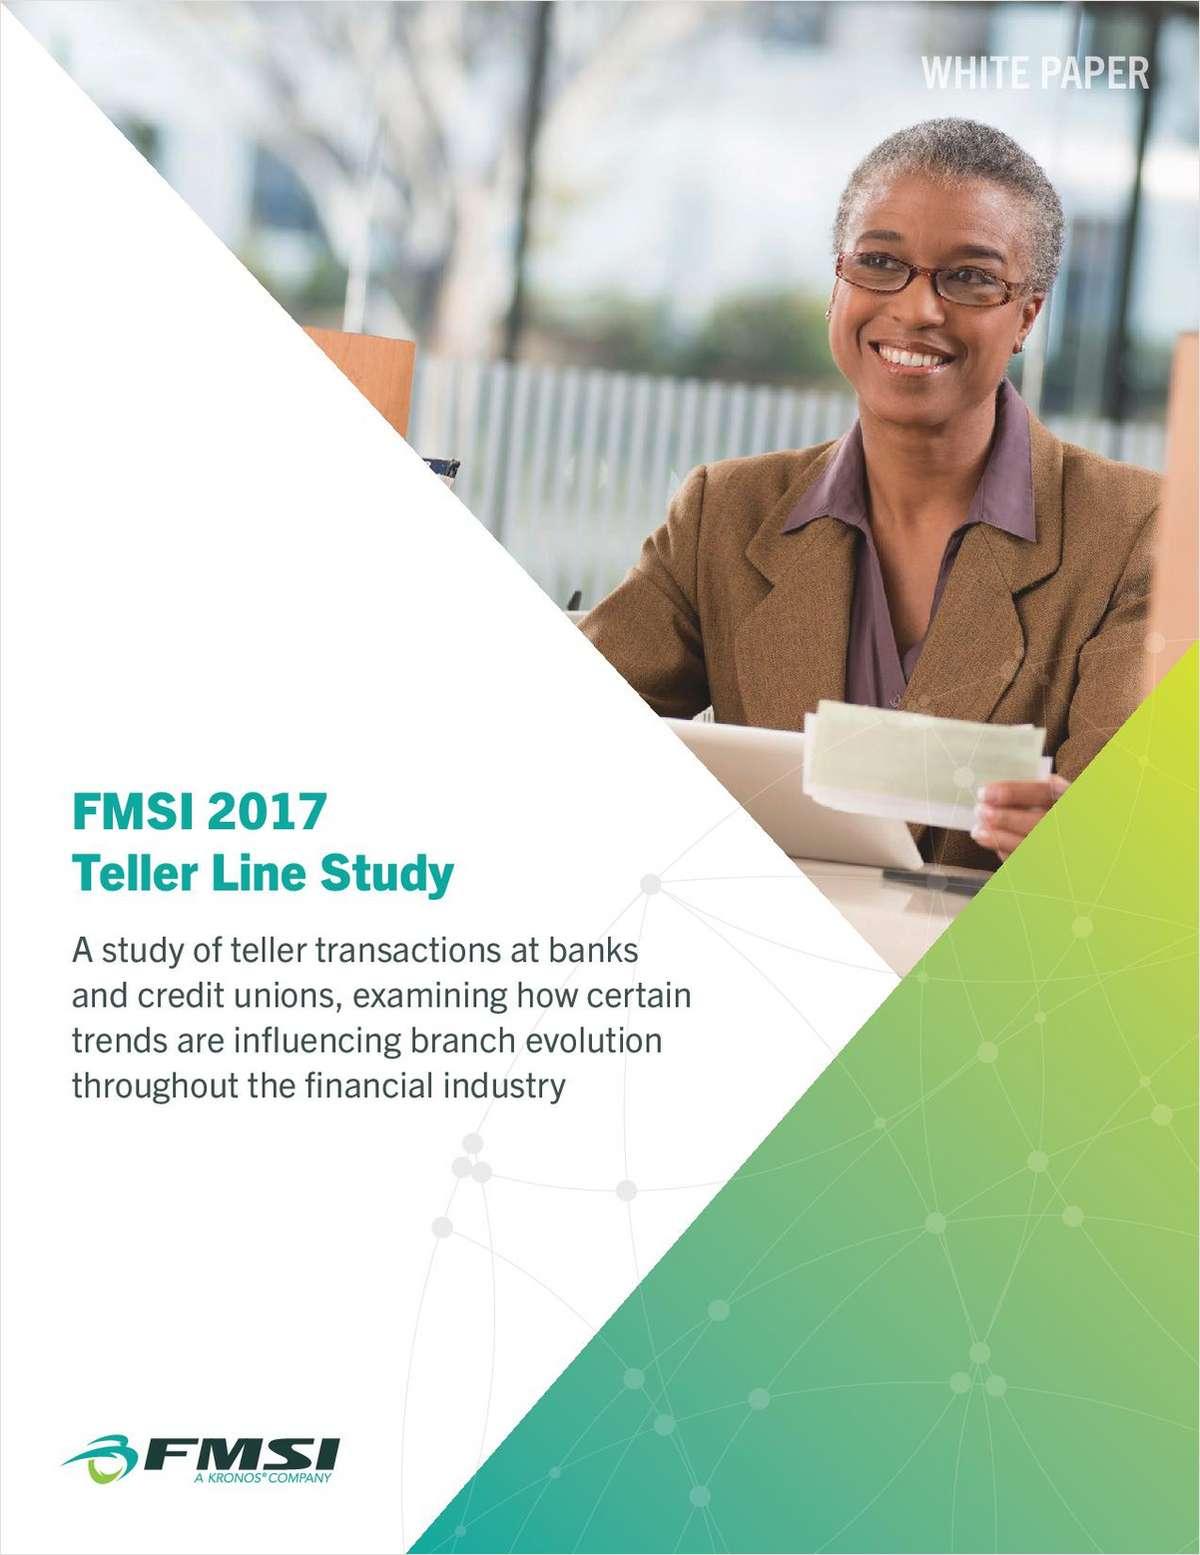 FMSI 2017 Teller Line Study